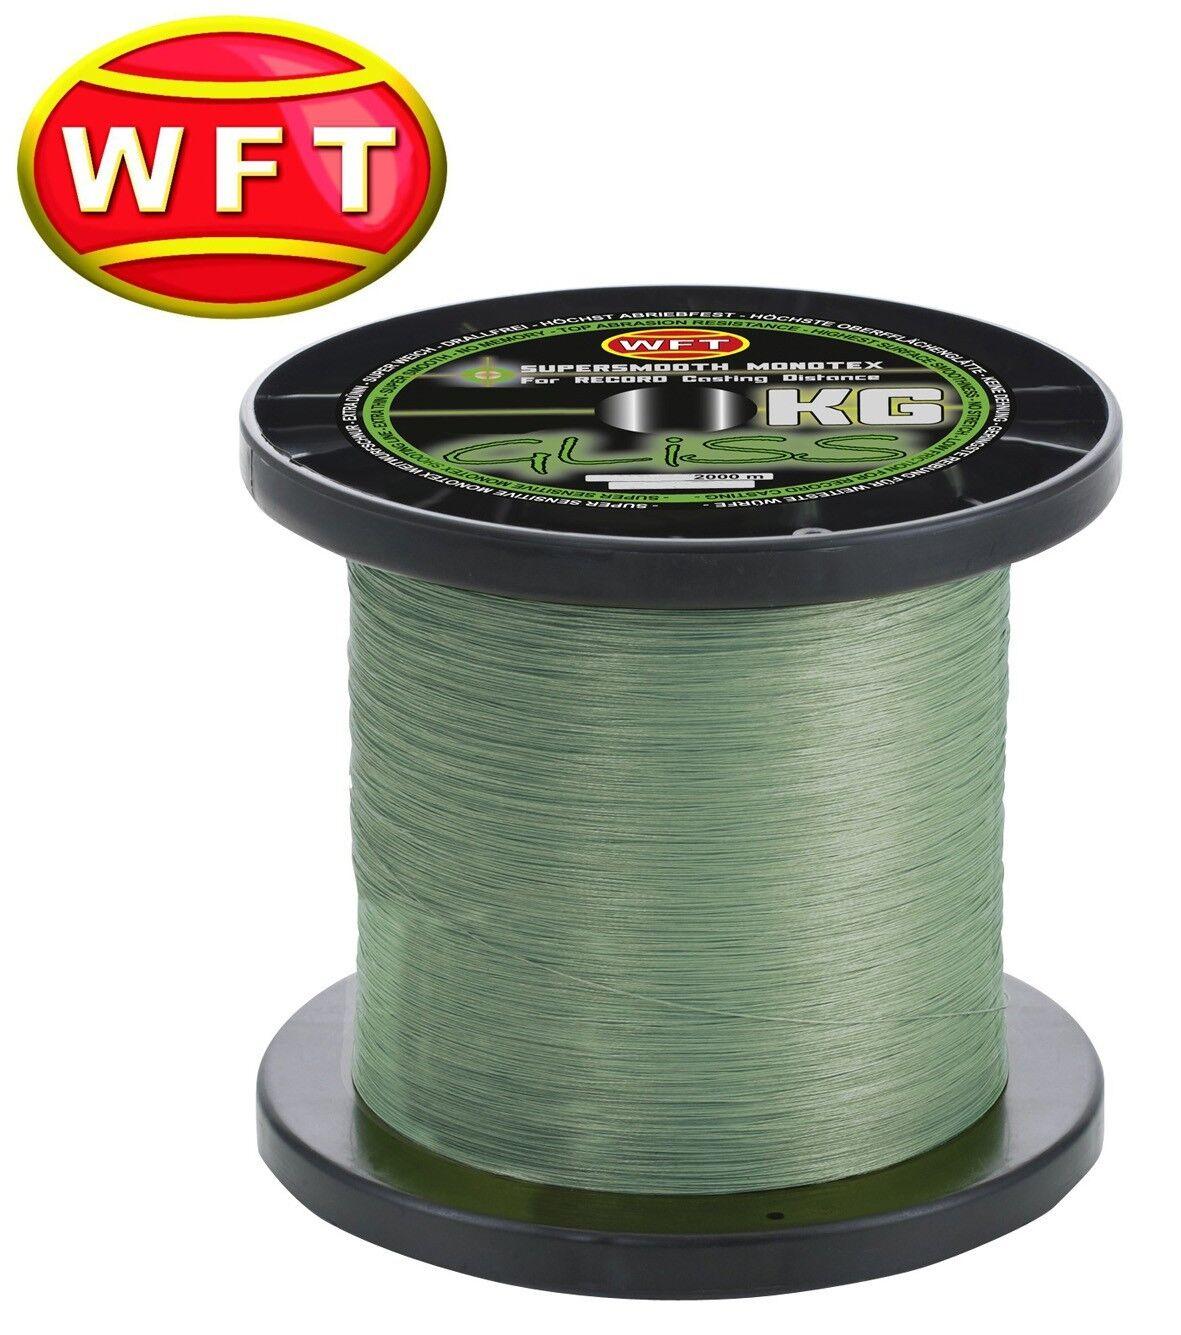 (  1m) WFT Gliss KG Monotex Line 2000m grün, monofile Angelschnur